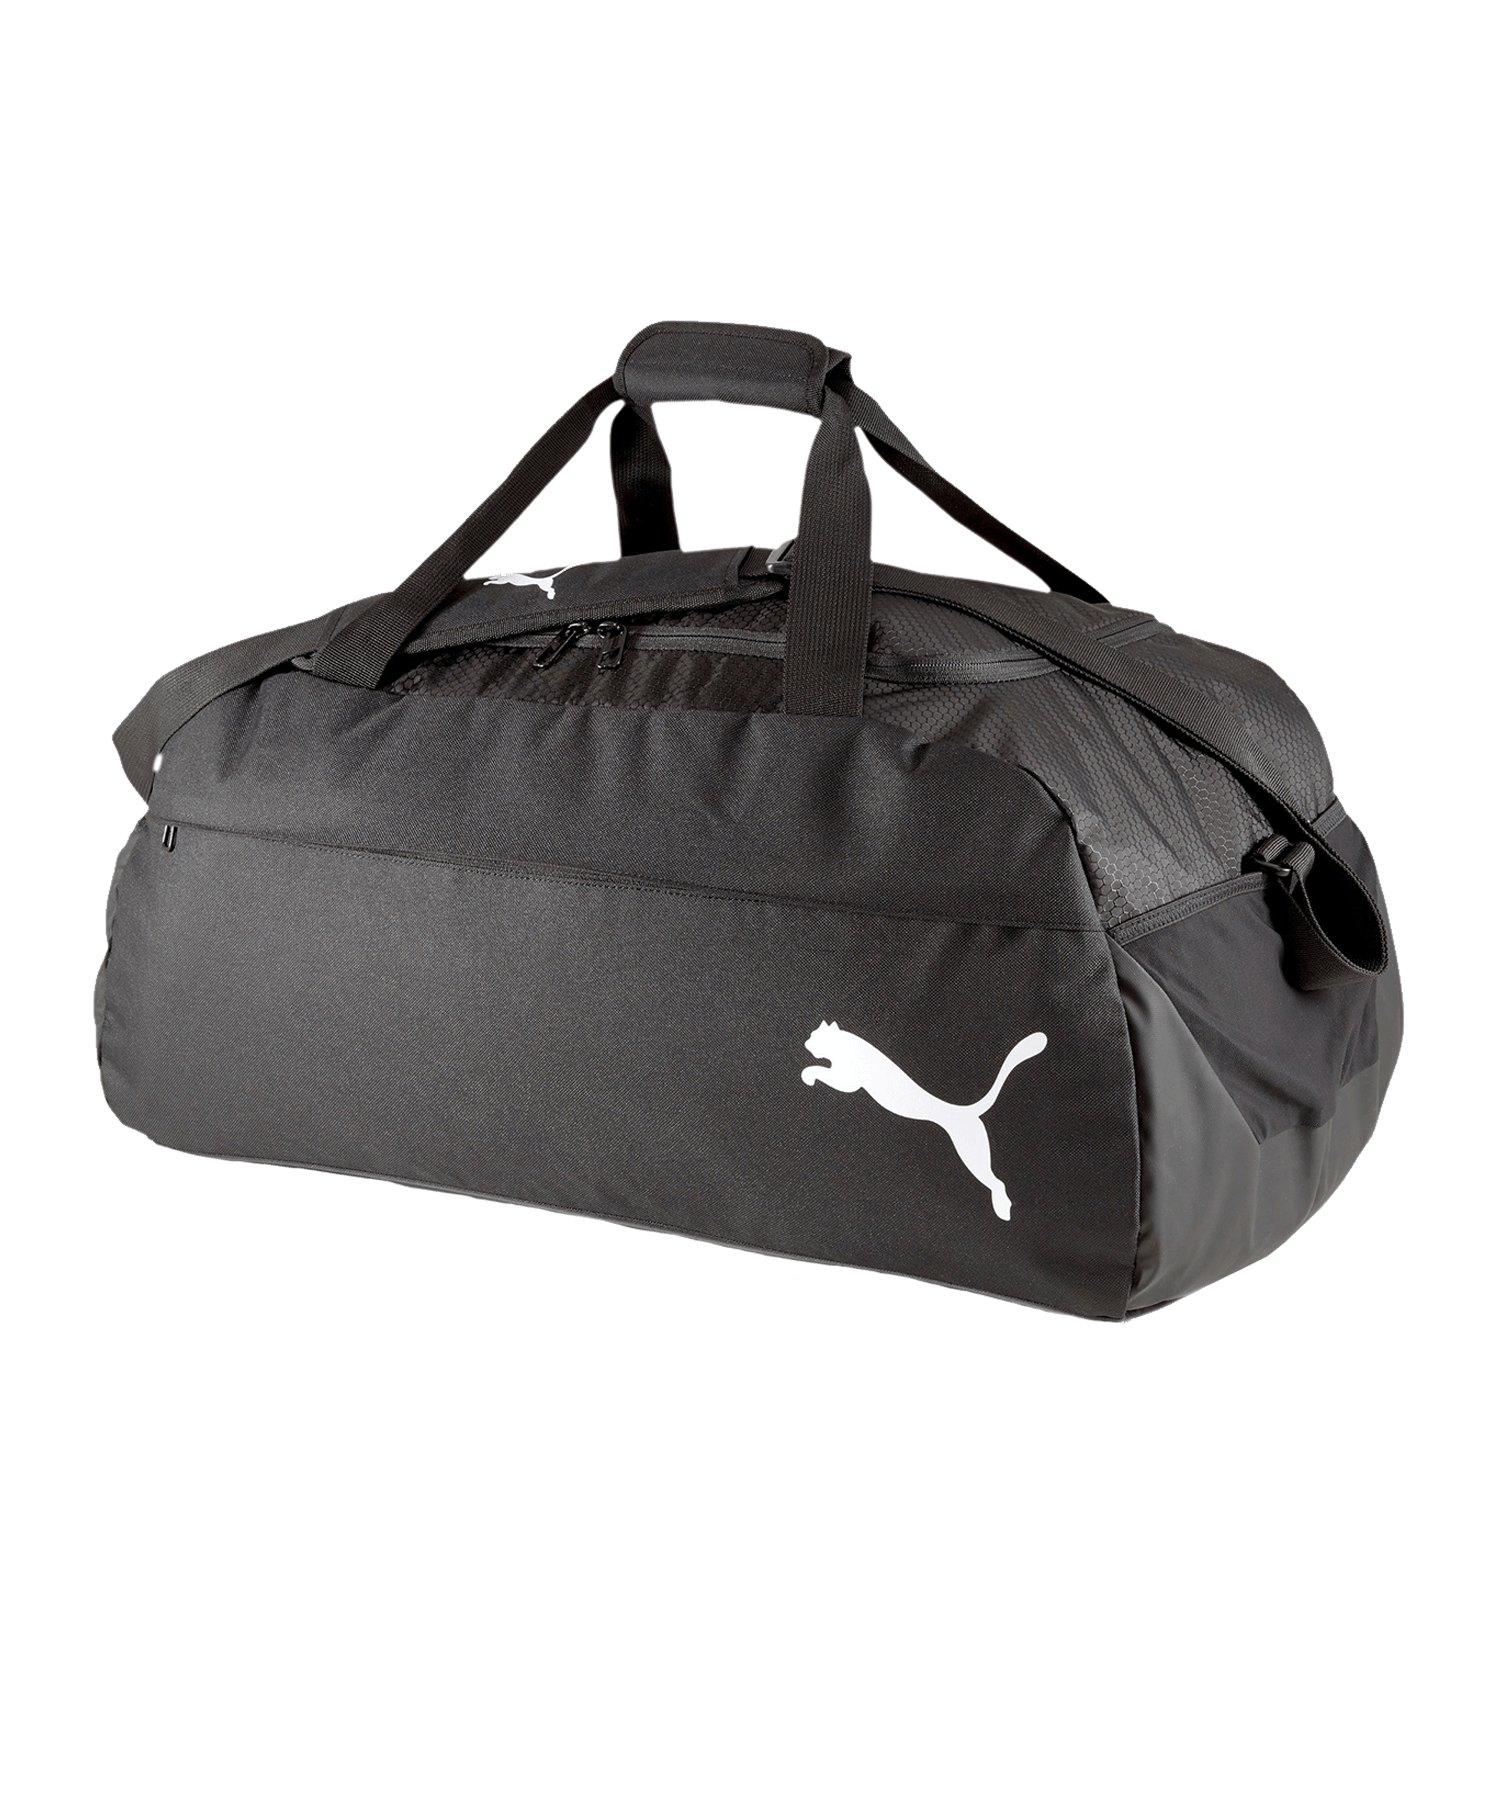 PUMA teamFINAL 21 Teambag Sporttasche Gr. M F03 - schwarz